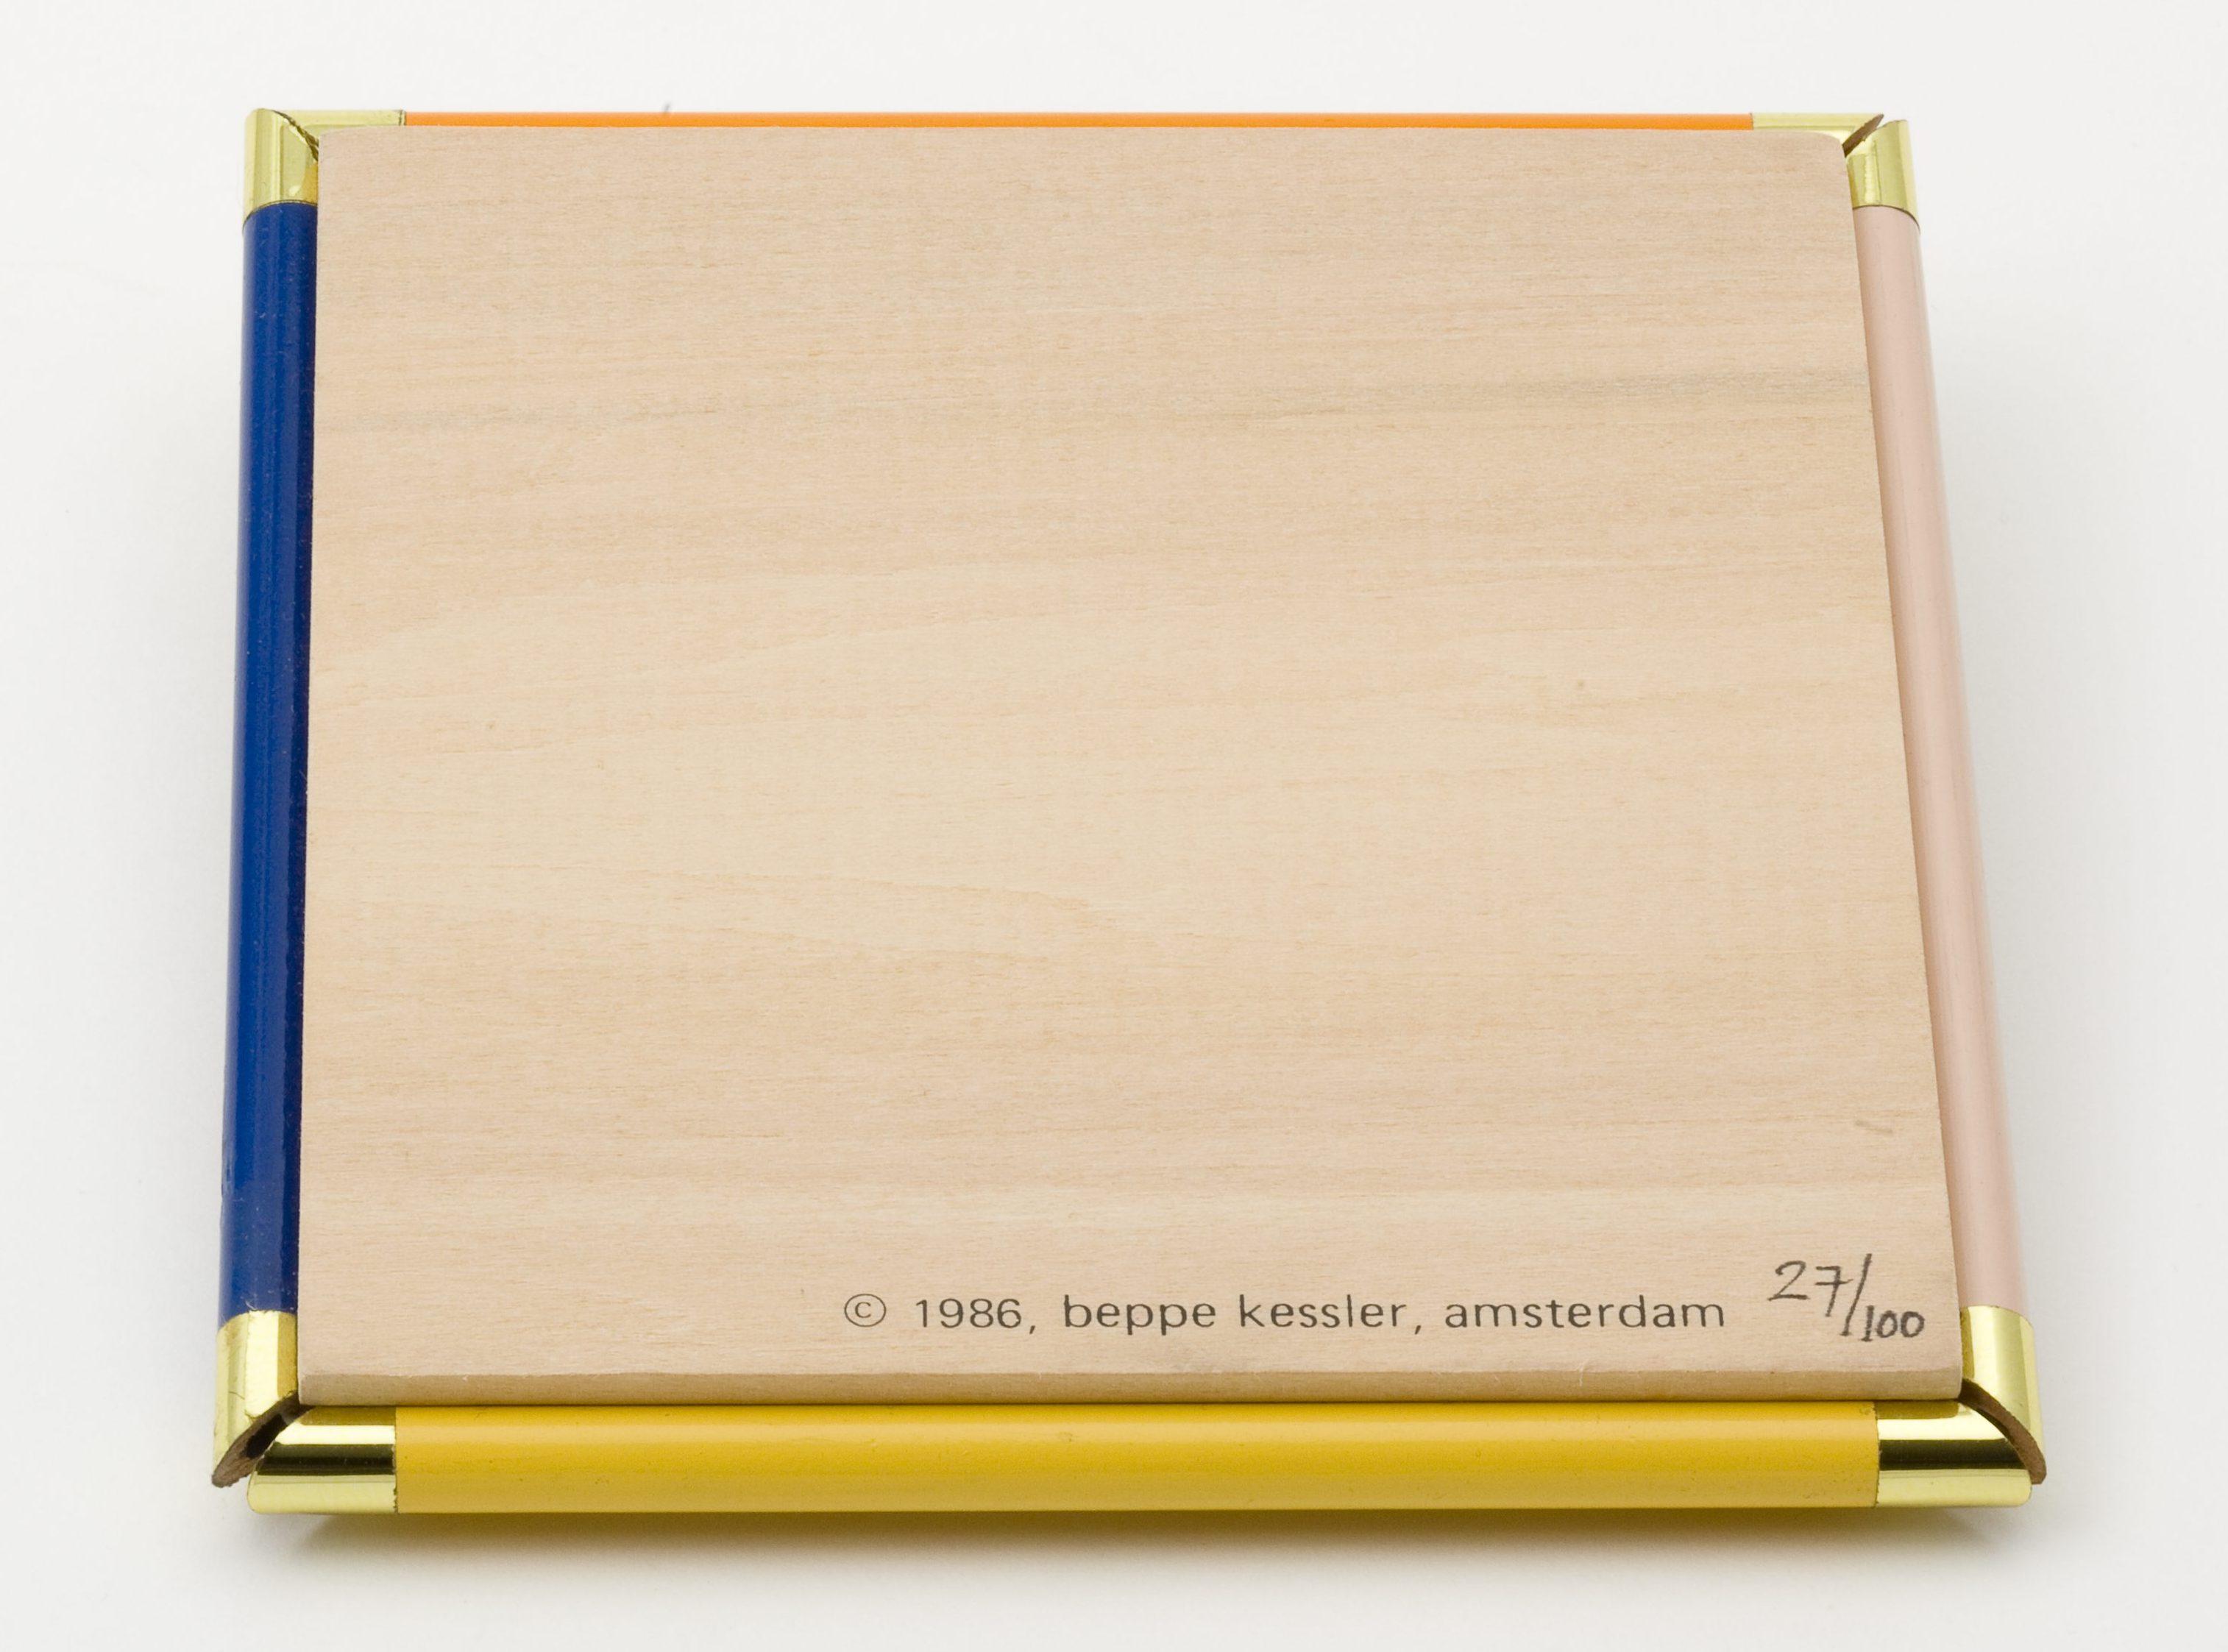 Beppe Kessler, potloodcollier, 27/100, halssieraad, 1986. Collectie Jurriaan van den Berg, potlood, hout